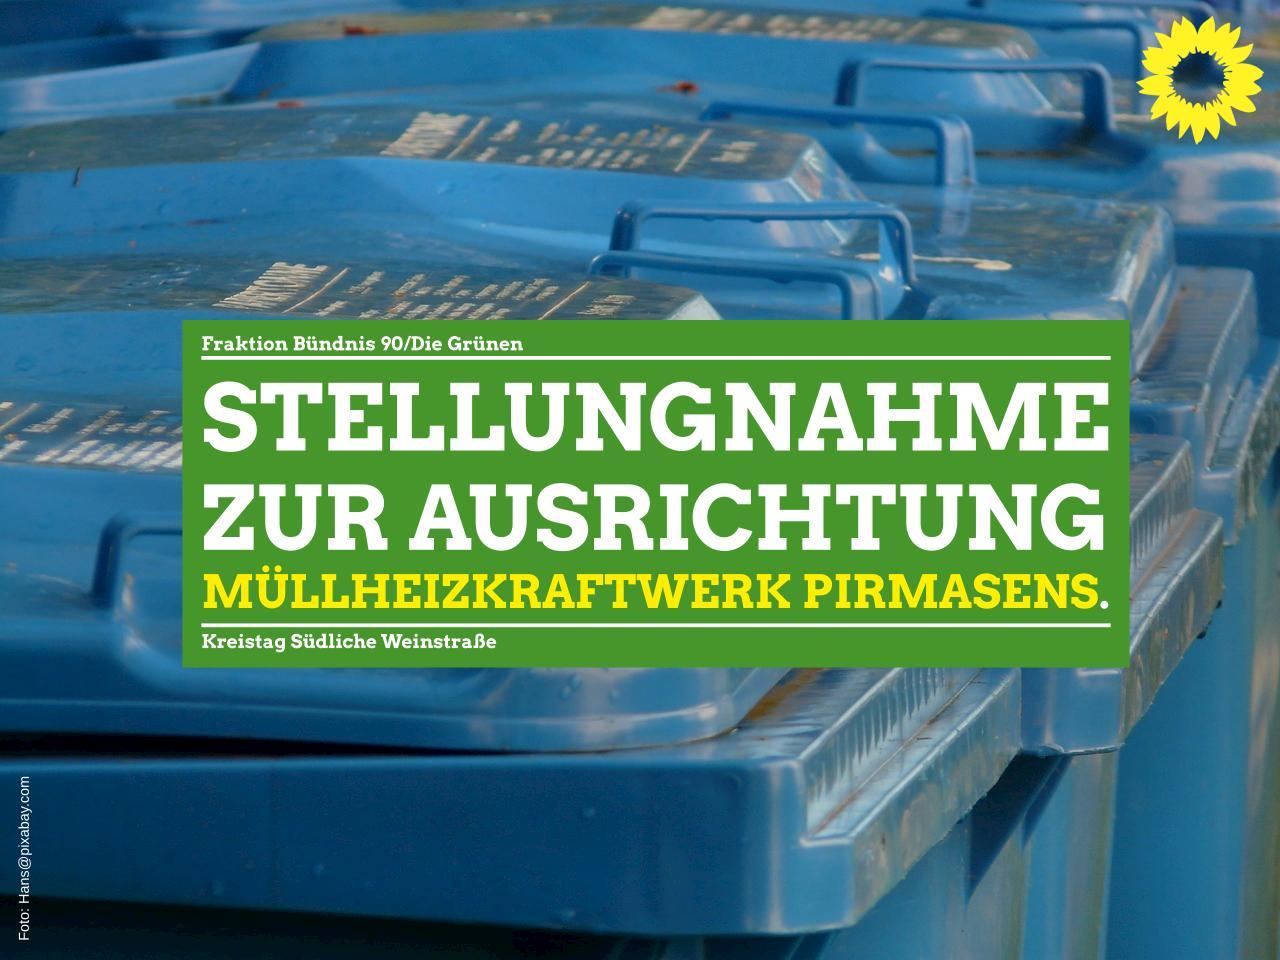 Stellungnahme zum TOP Ö5 Zweckverband Abfallverwertung Südwestpfalz (ZAS): Zukünftige Ausrichtung des Müllheizkraftwerks Pirmasens